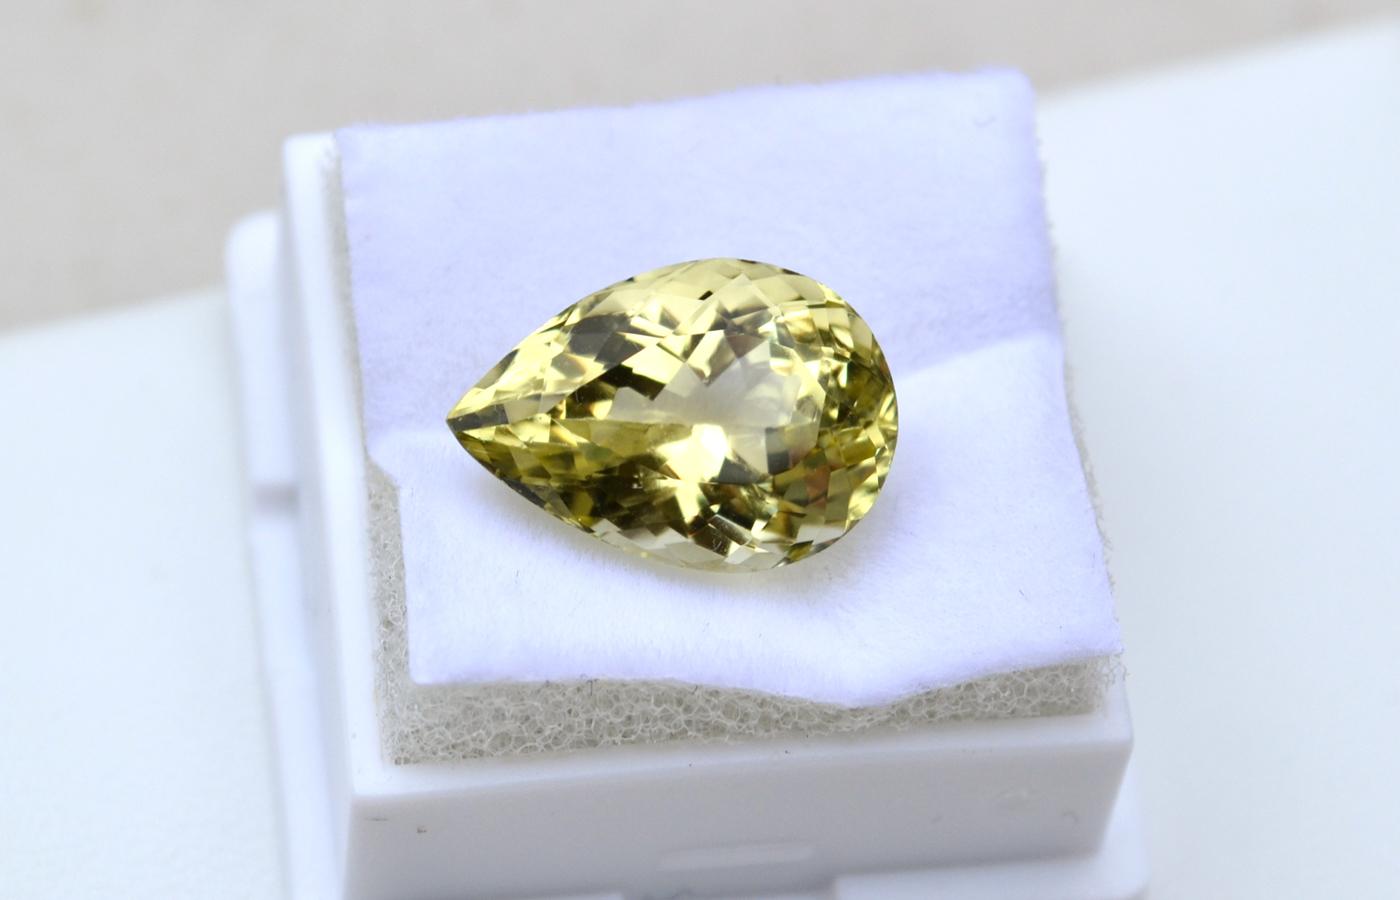 heliodorpear5 heliodorpear5 buy gems wholesale